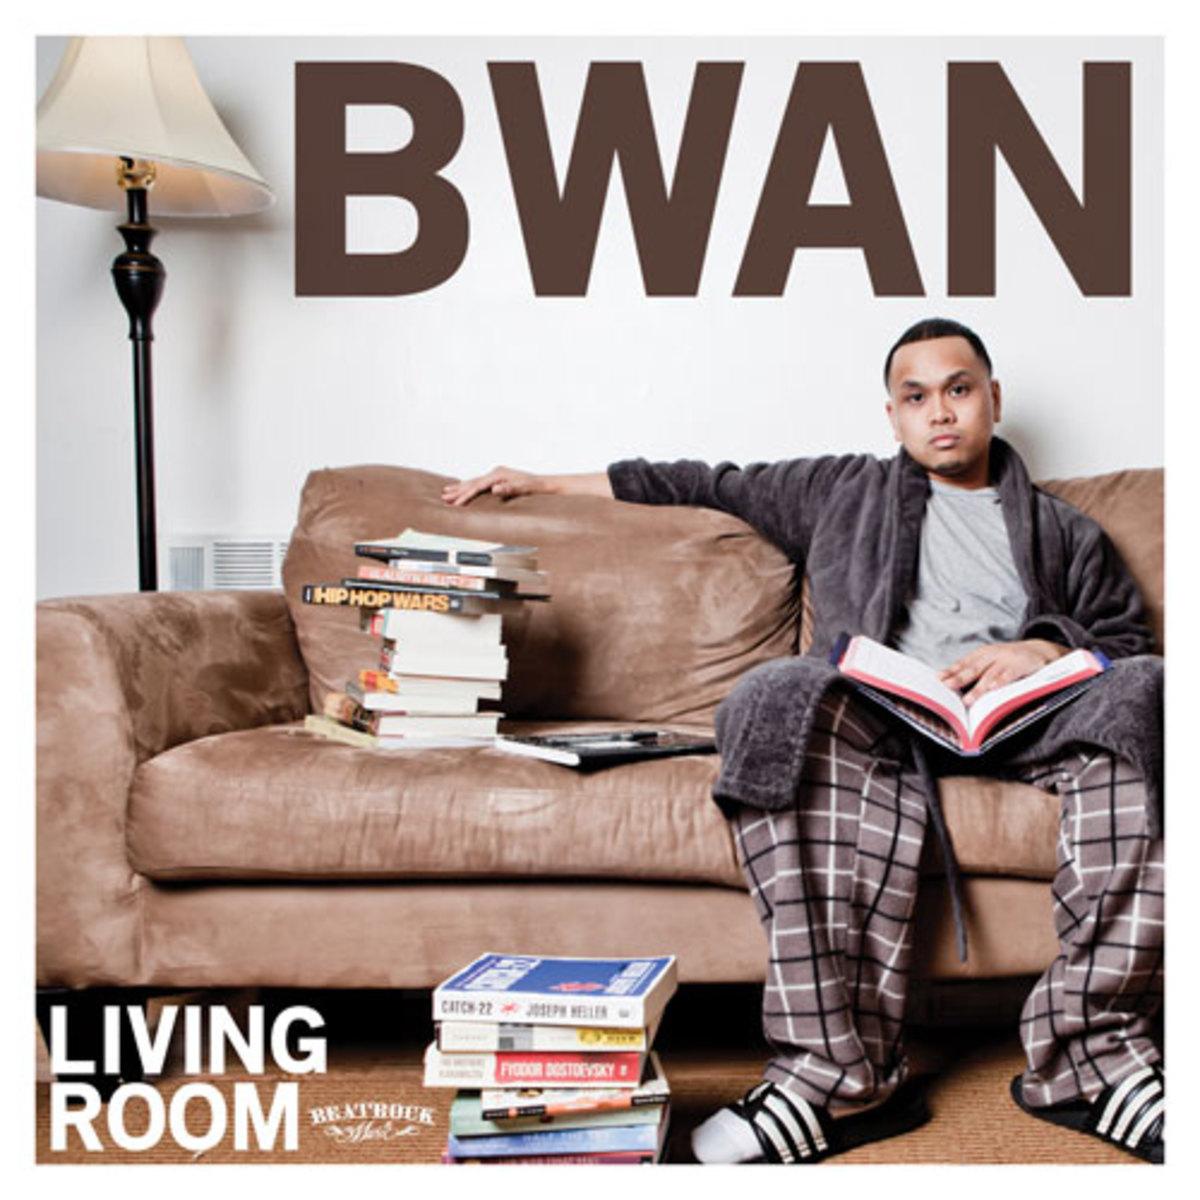 bwan-livingroom.jpg